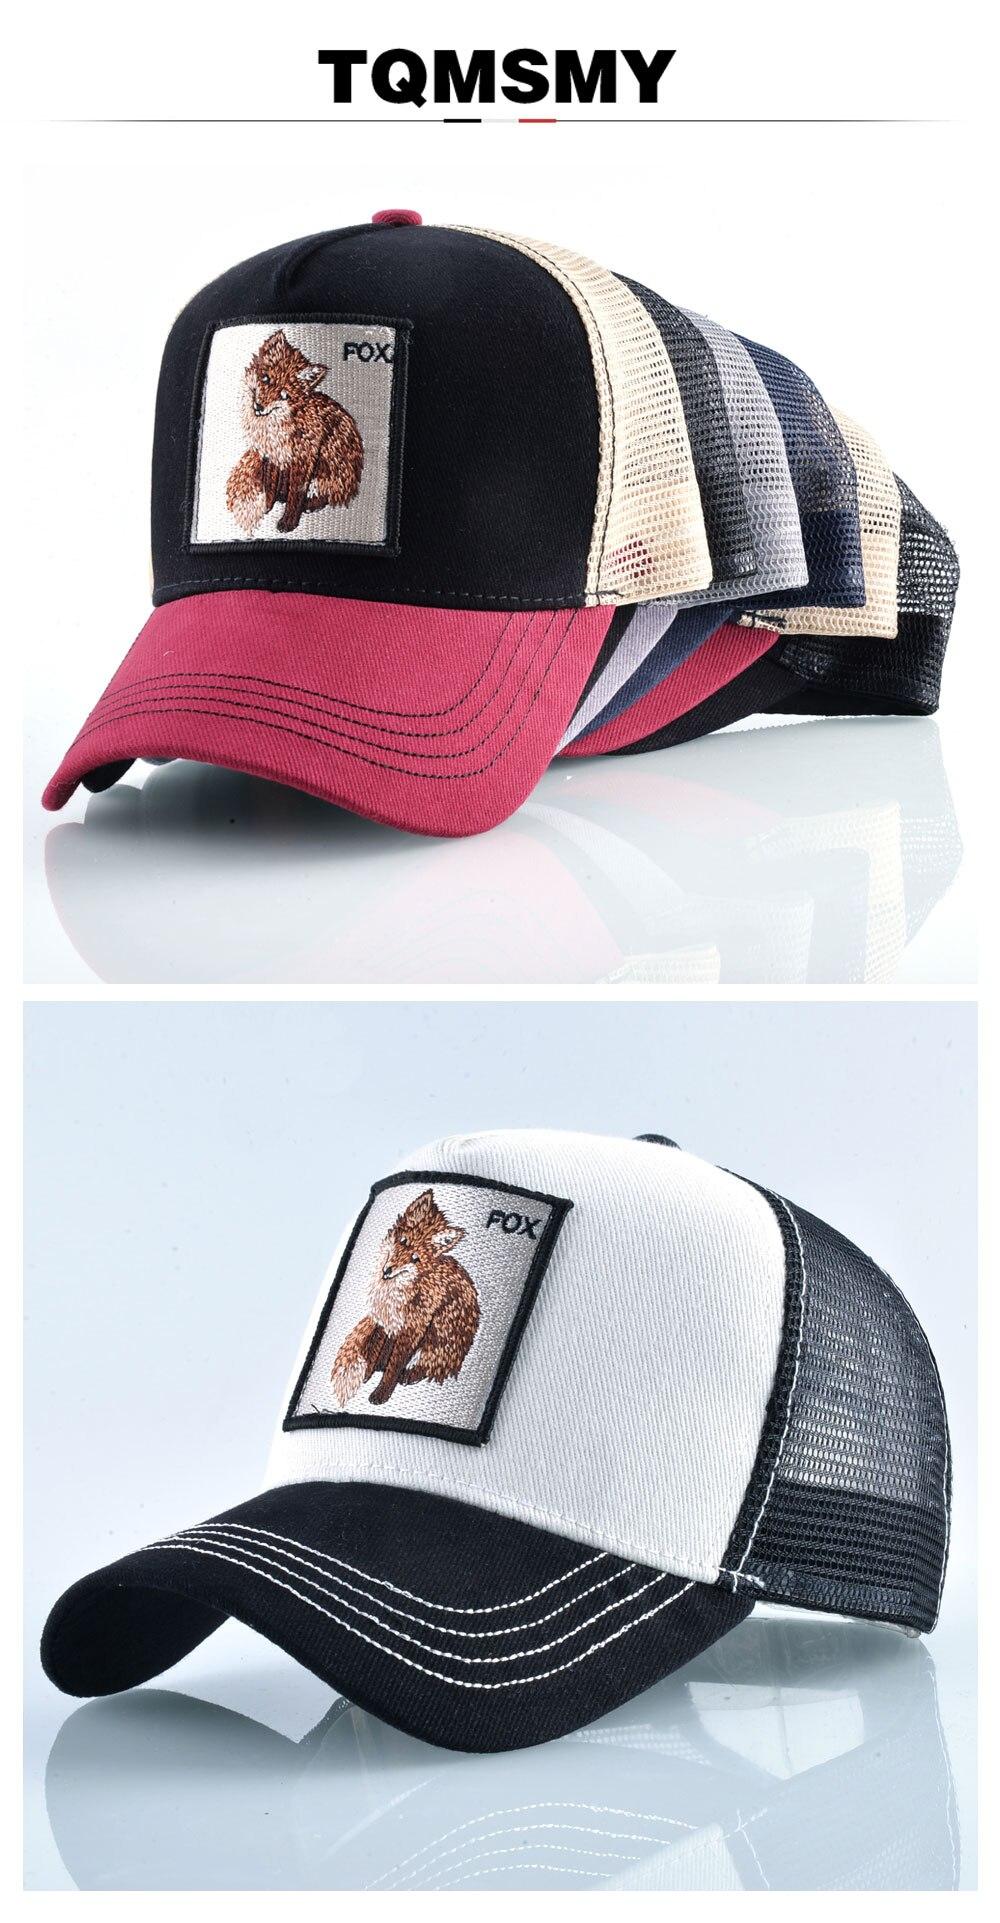 5c7ca743e647c4 Cotton Snapback caps for men Embroidery Fox Baseball Cap Women's Breathable Mesh  Trucker Hat Unisex Patch Hip Hop Bone Casquette